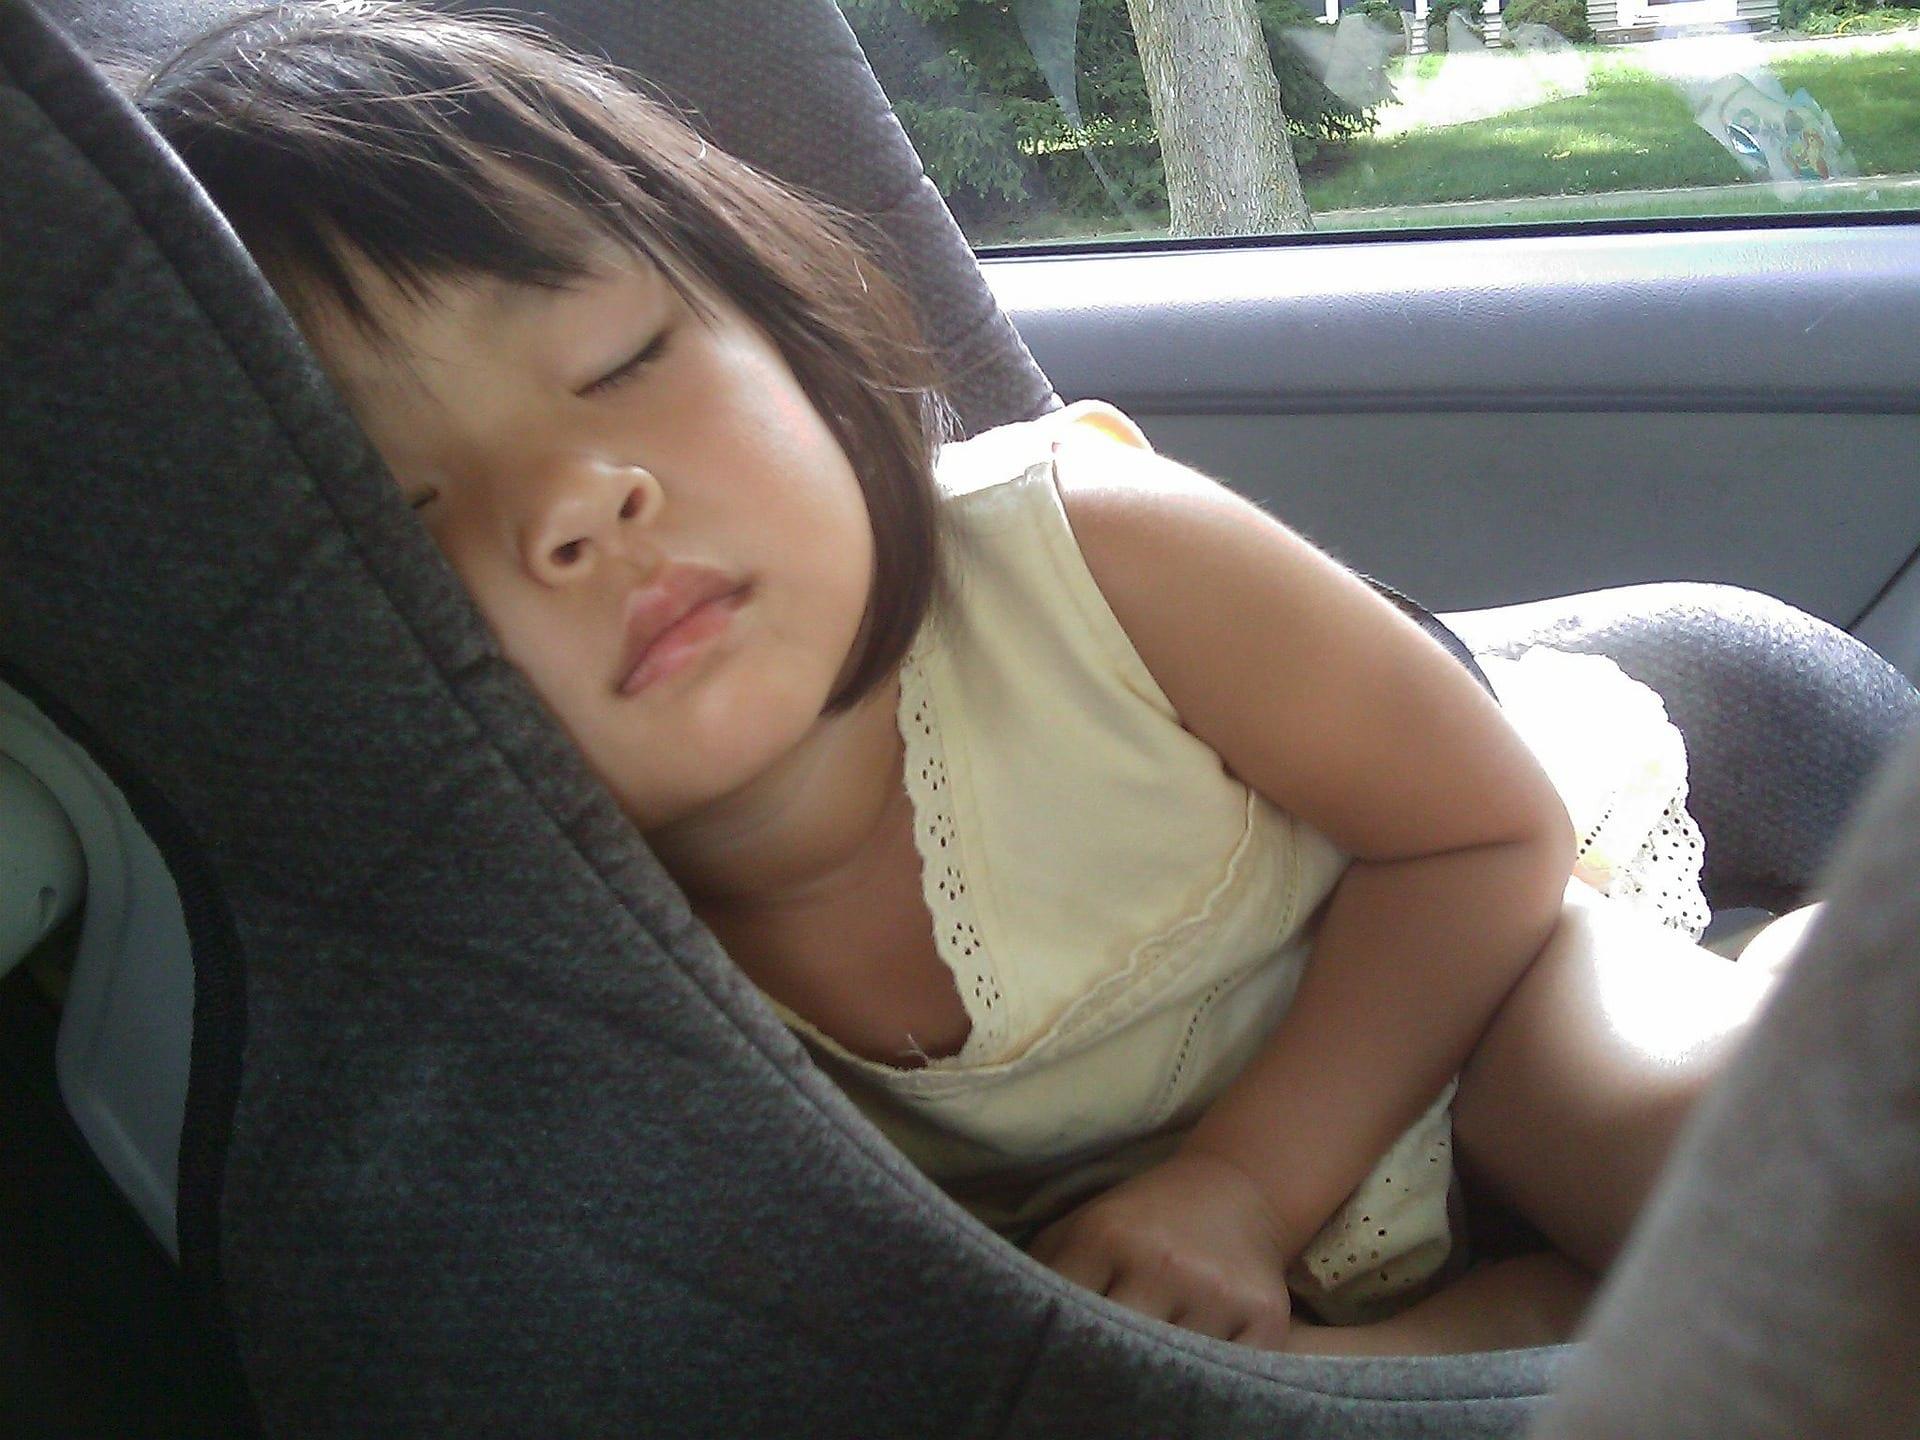 Sécurité de l'enfant dans les transports : Comment détourner la logique de l'accident sans se prendre la tête